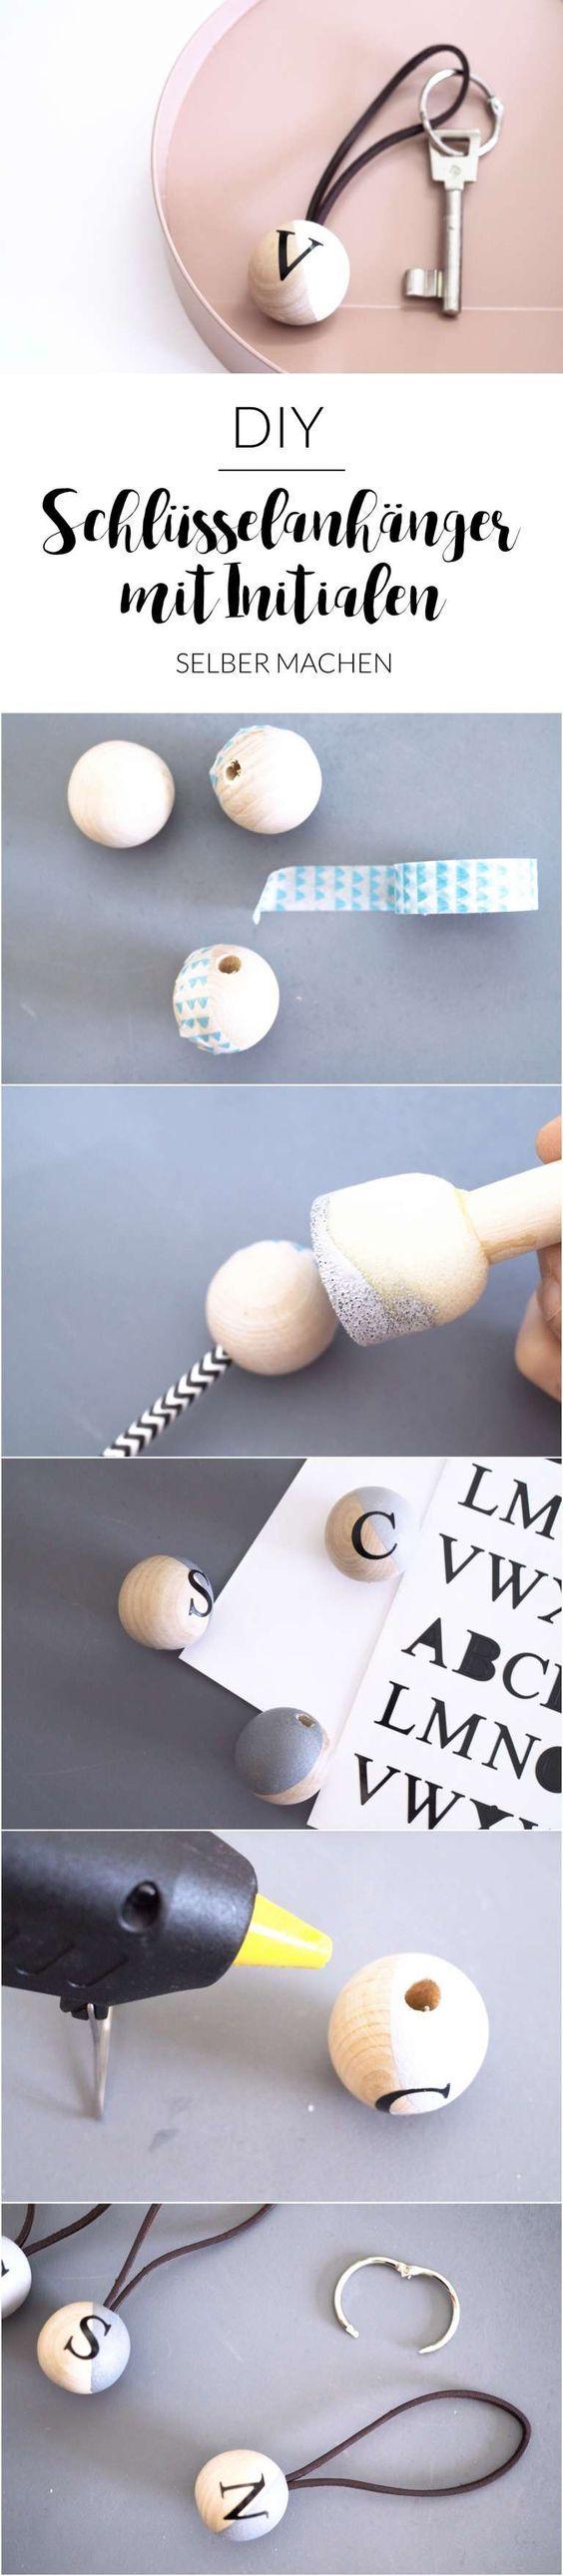 Schöne DIY-Schlüsselanhänger aus Holz und Leder mit den Initialen deiner Mama | Muttertags Ideen | DIY Ideen zum Muttertag | Geschenke zum Muttertag selber machen